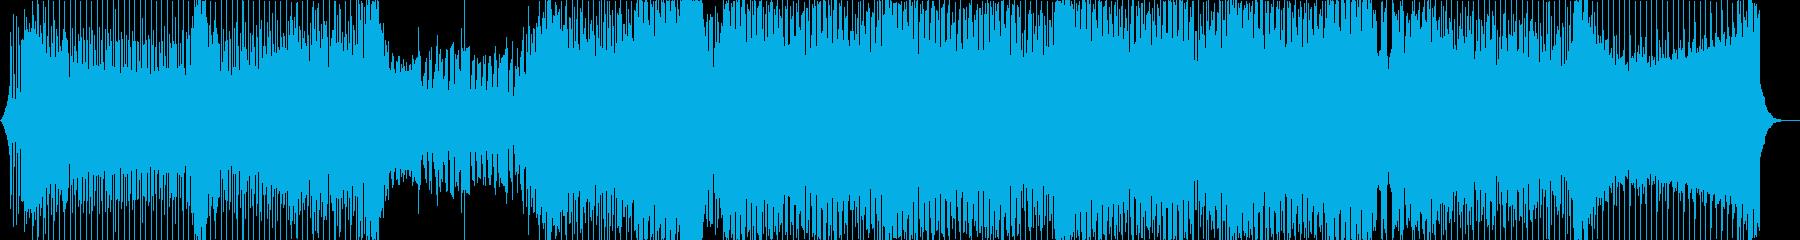 壮大なプログレッシブハウスの再生済みの波形